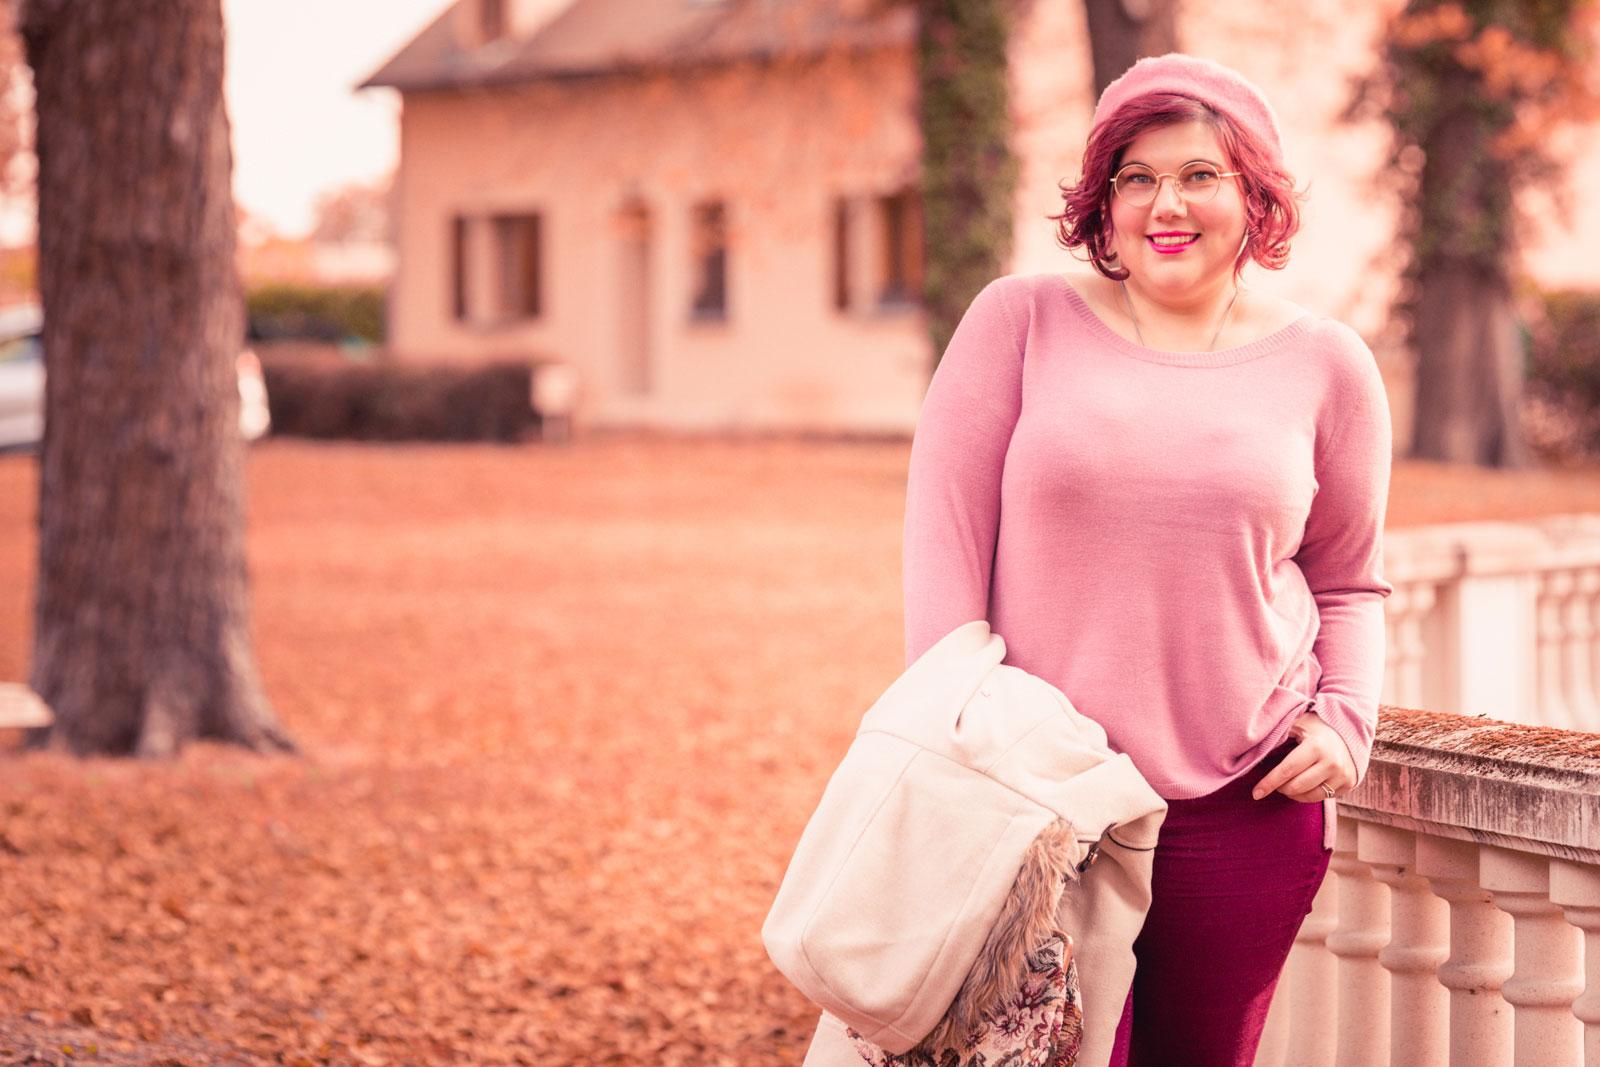 ninaah bulles, mode, grande taille, plussize, curvy, rose ronde, manteau, automne, parfum, mignonnerie